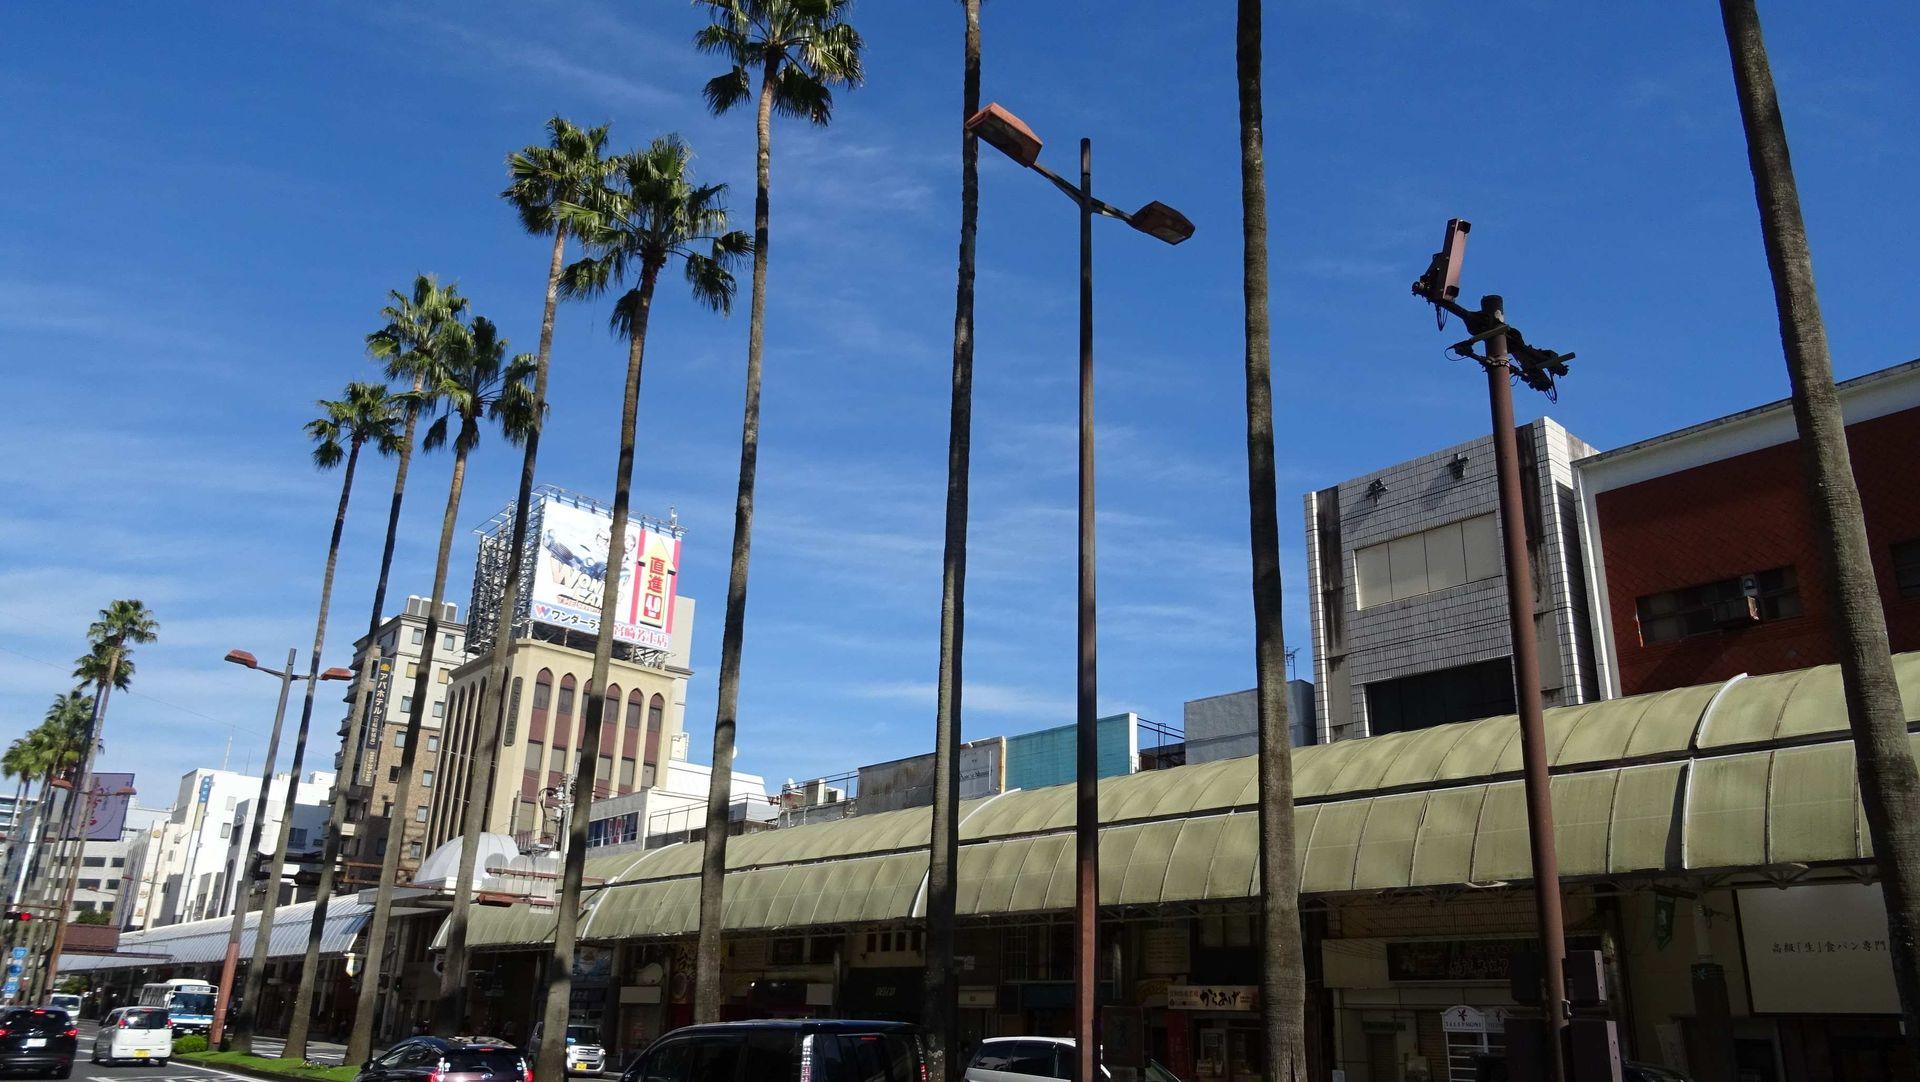 宮崎市中心部に位置する若草通商店街。筆者の青春時代には、ゲームセンターが2店ほどあったが、今ではどちらも閉店している